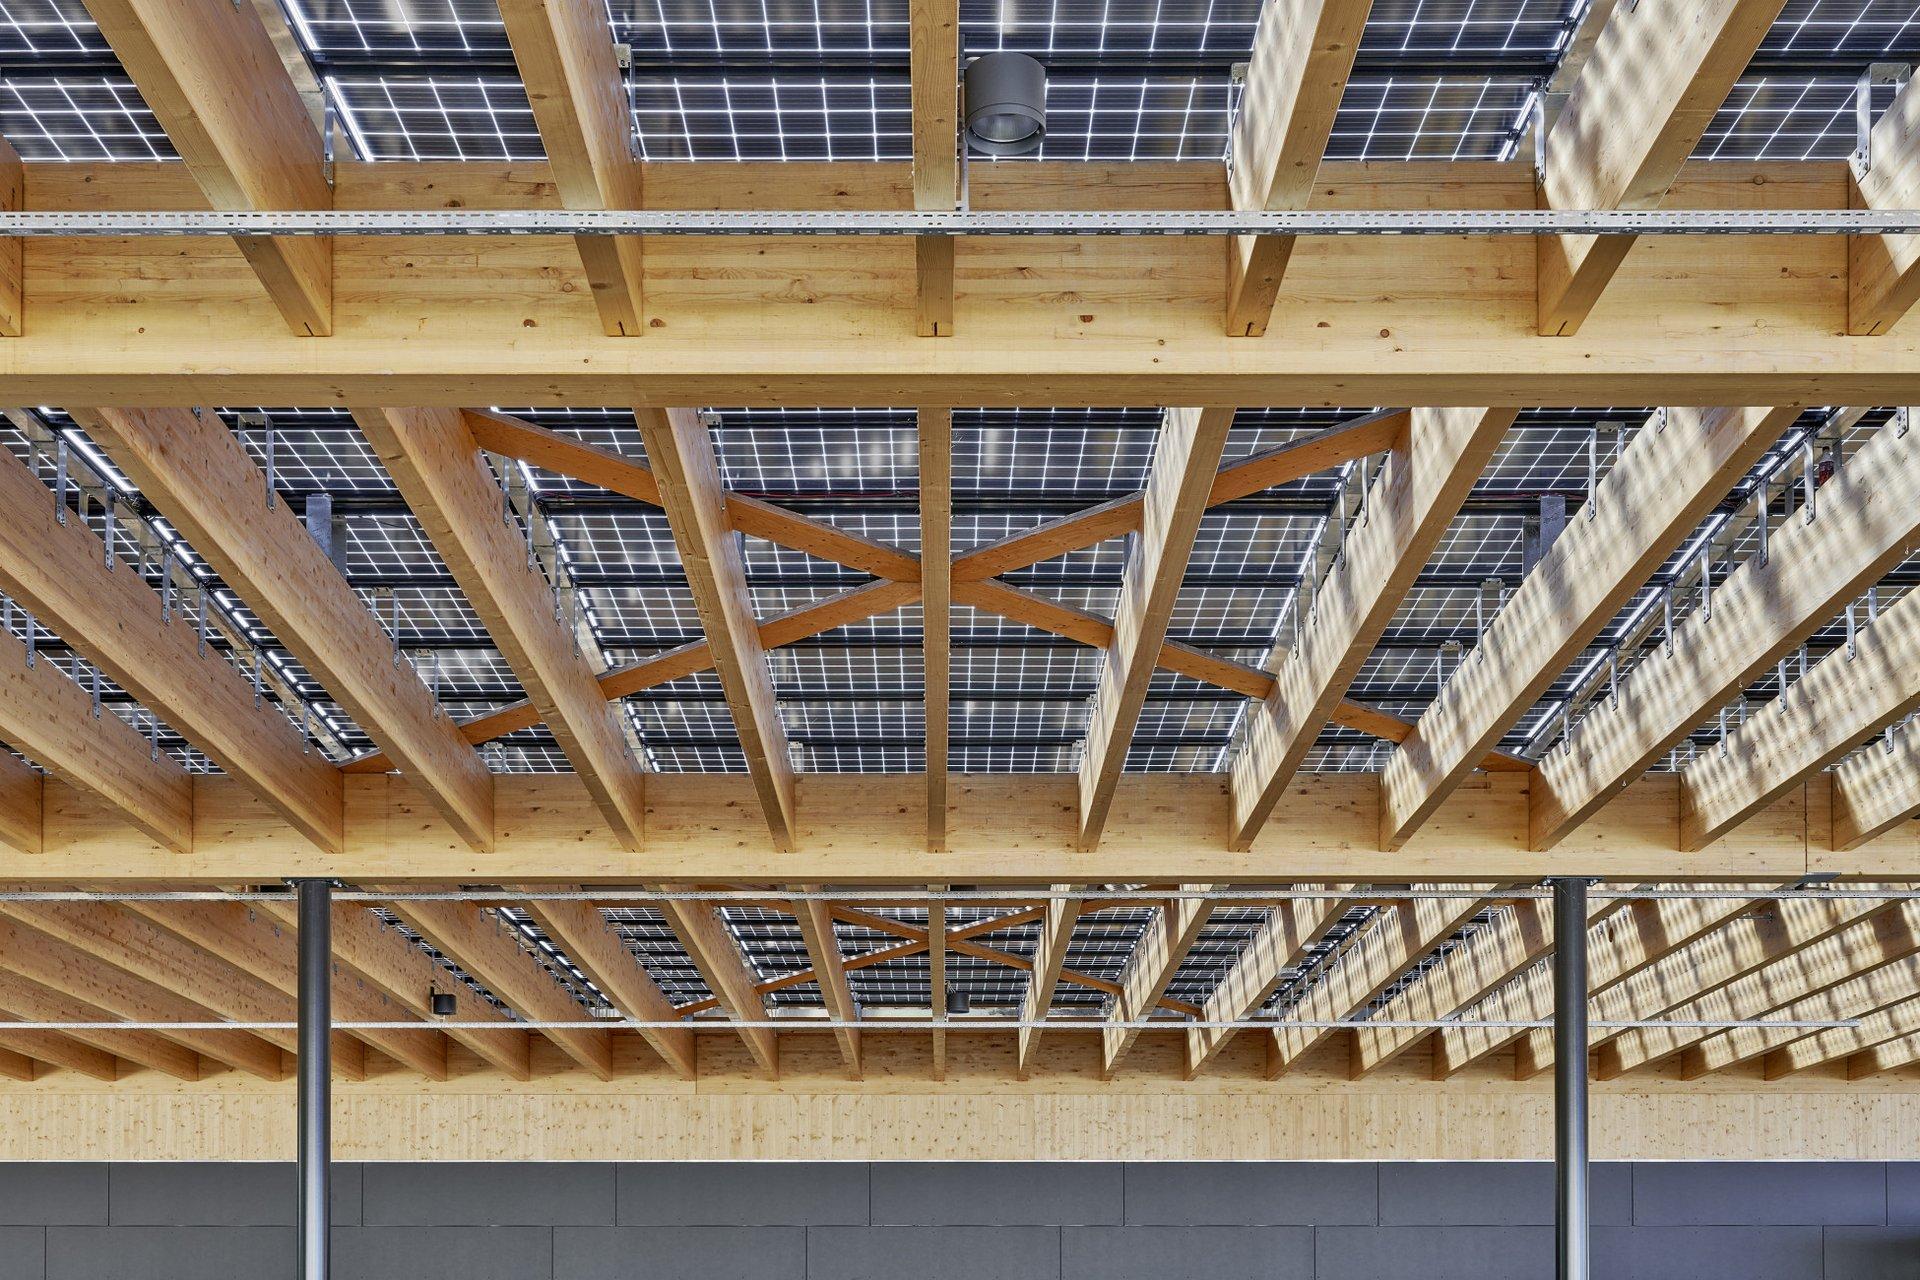 Innenansicht der Überdachung mit den längs geführten Giebeln und die darüberliegenden Solarabdeckung